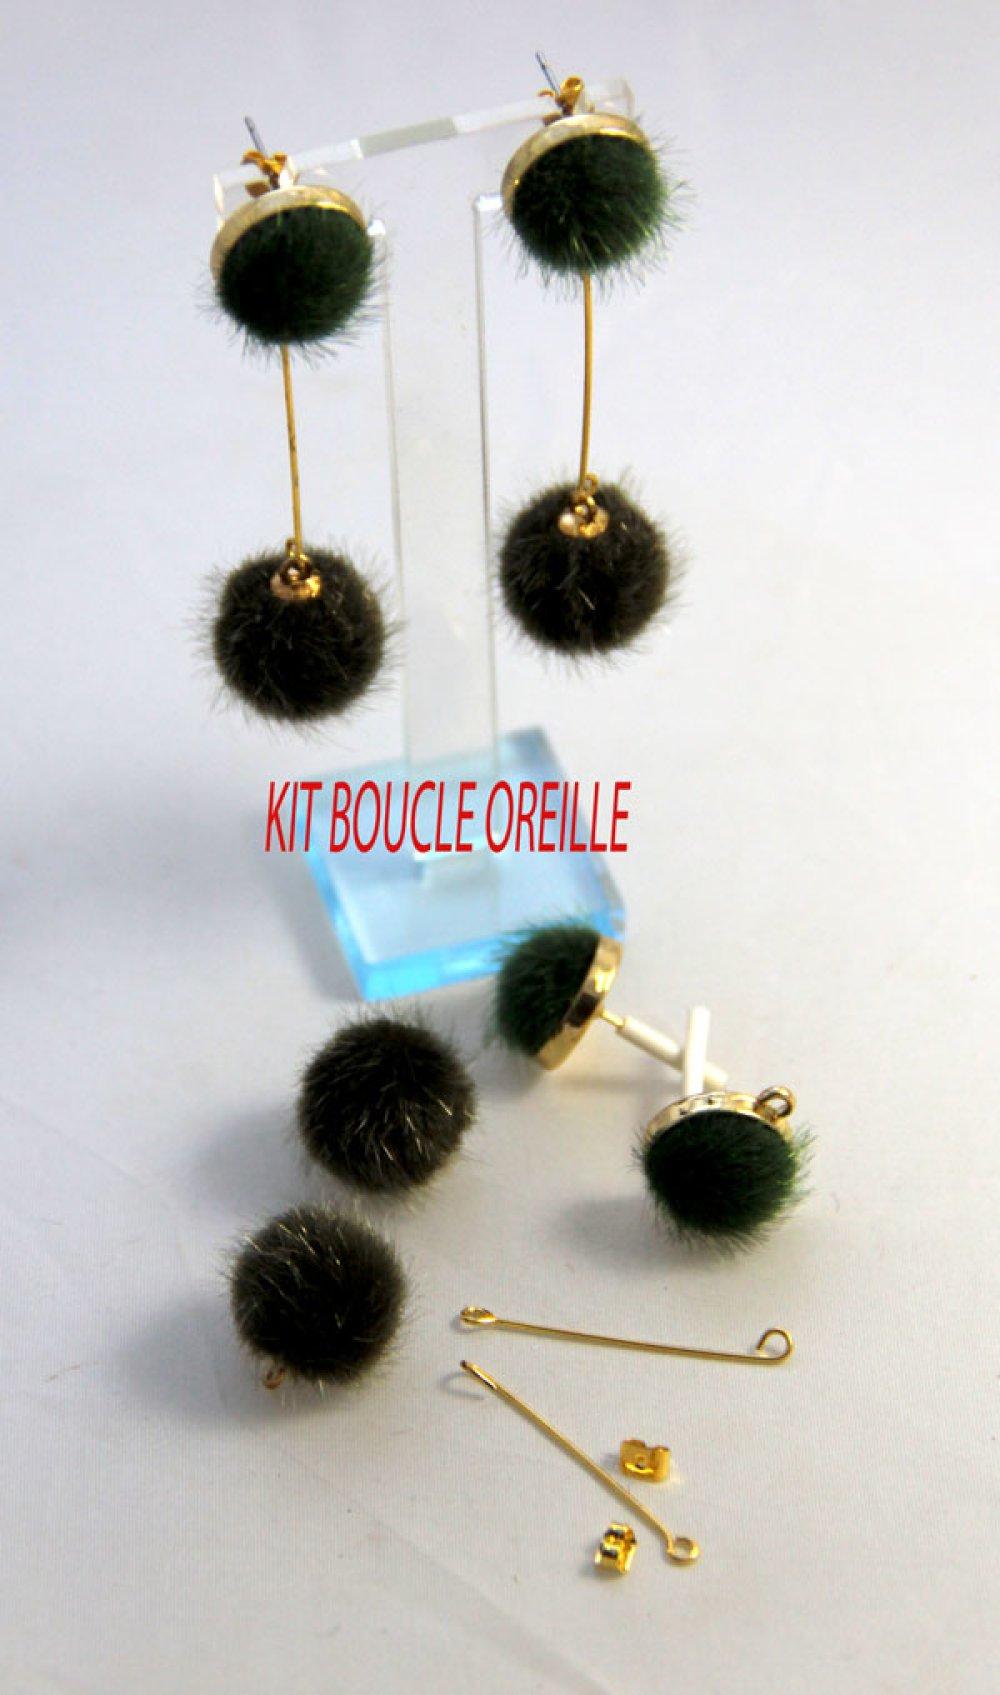 1 kit boucle oreille puce dore pompon vert